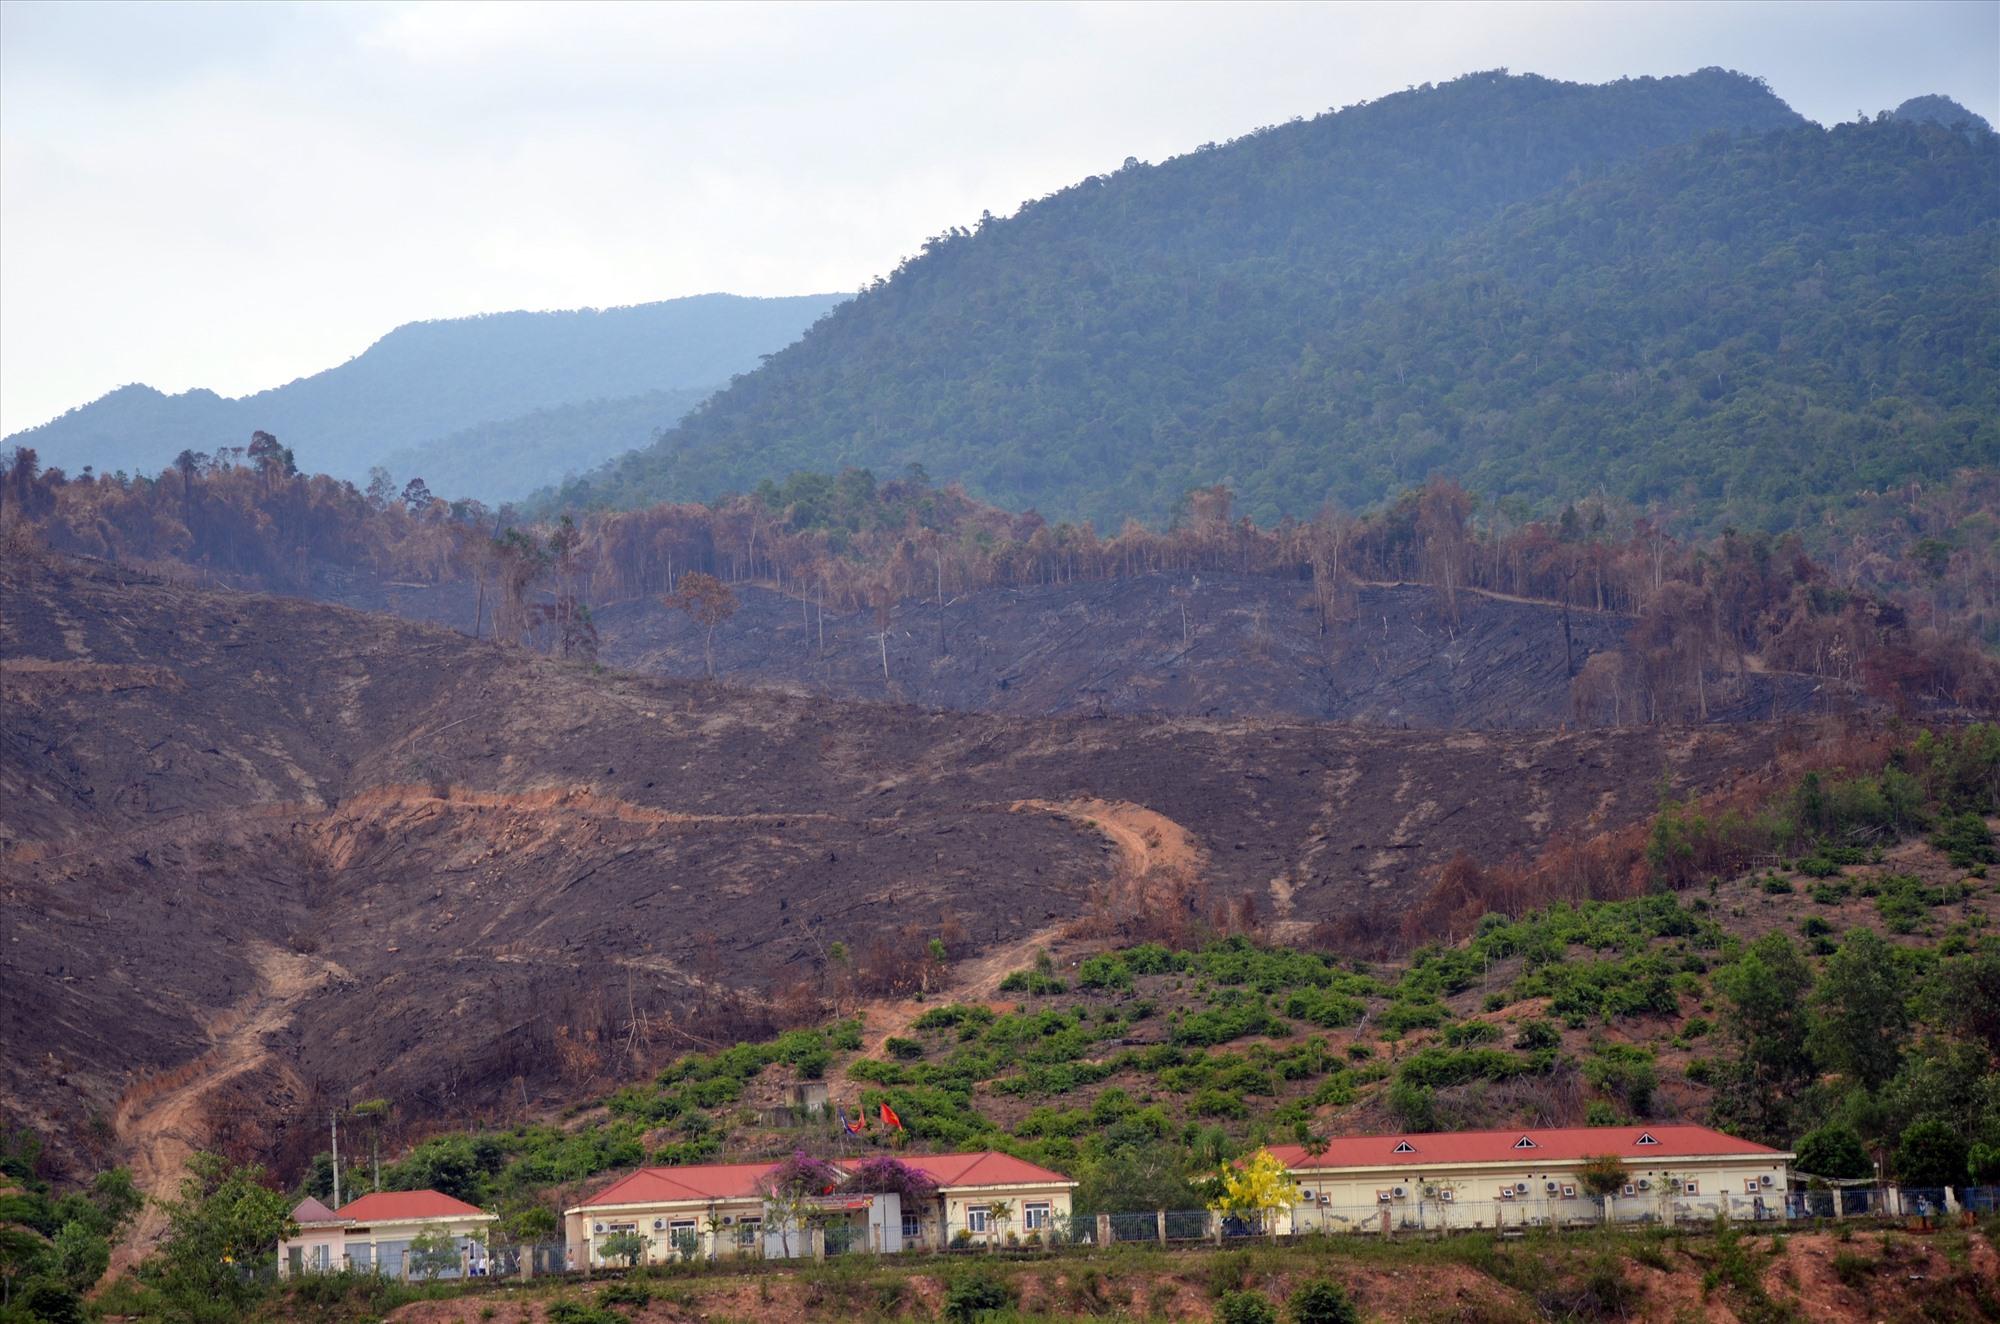 Vụ cháy rừng hồi tháng 5 thiêu rụi ít nhất 30ha rừng phòng hộ ở xã Mà Cooih (Đông Giang). Ảnh: TRẦN HỮU